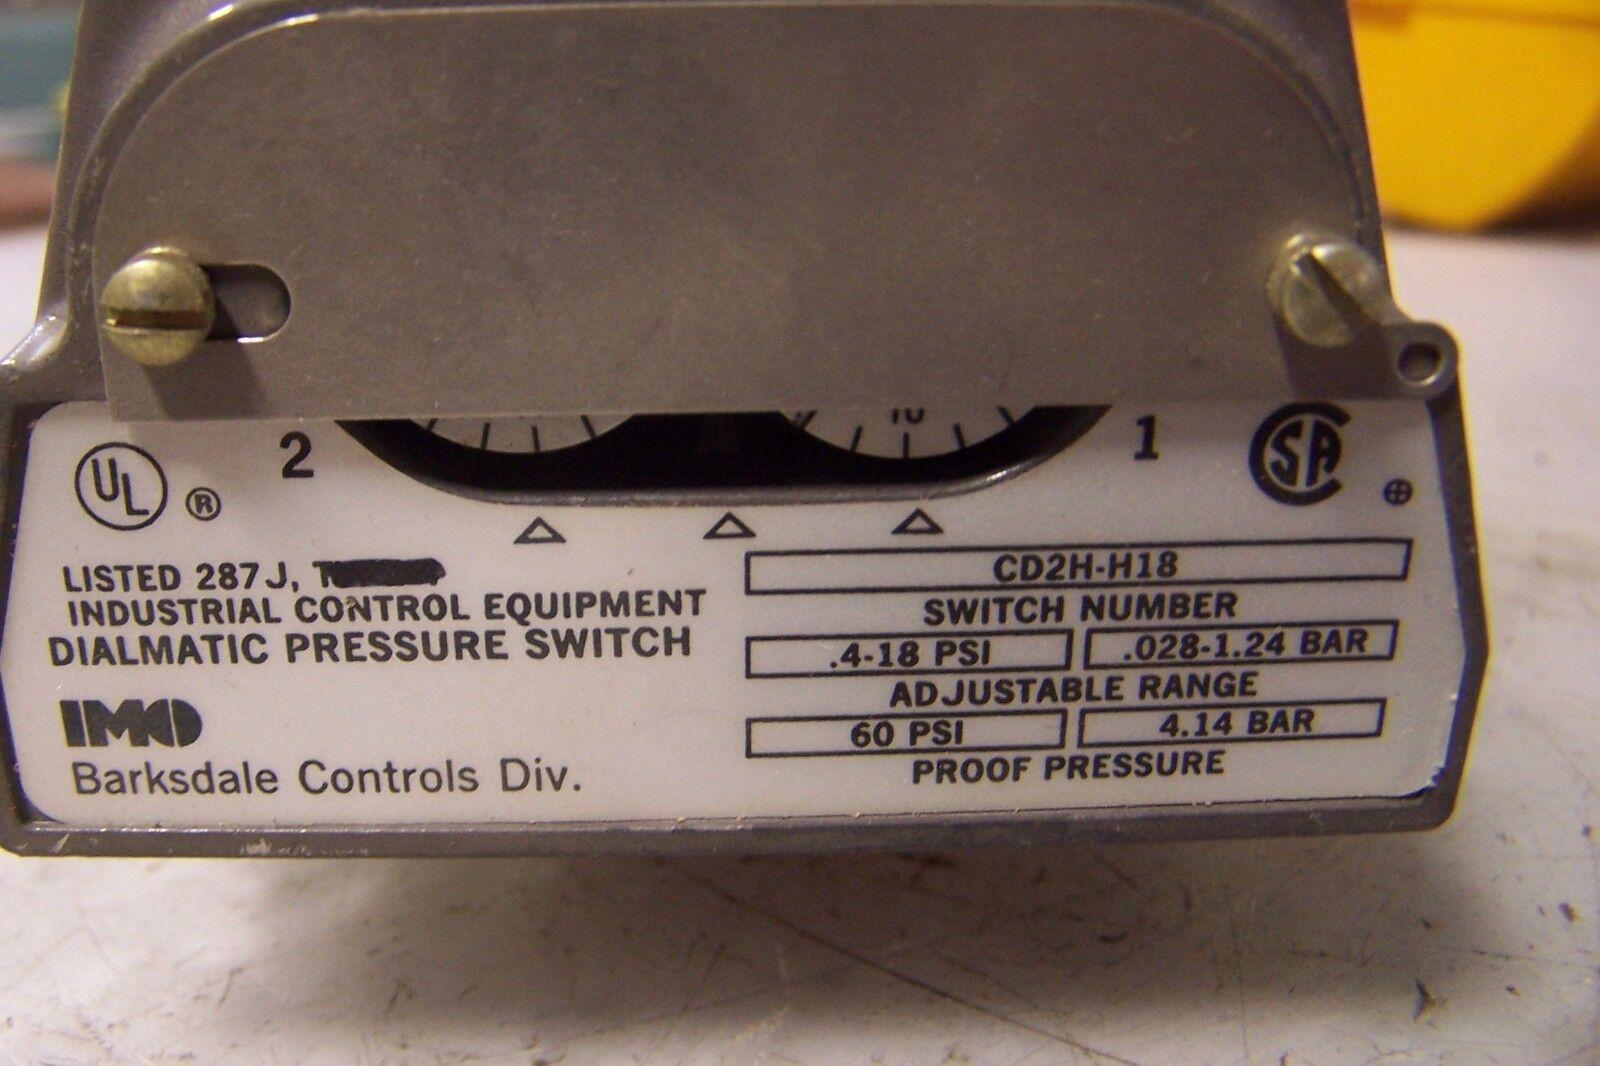 Nuevo BARKSDALE CD2H-H18 dialmatic Interruptor de Presión Presión Presión Rango. 4-18 Psi 480 voltios de corriente alterna 57c87c